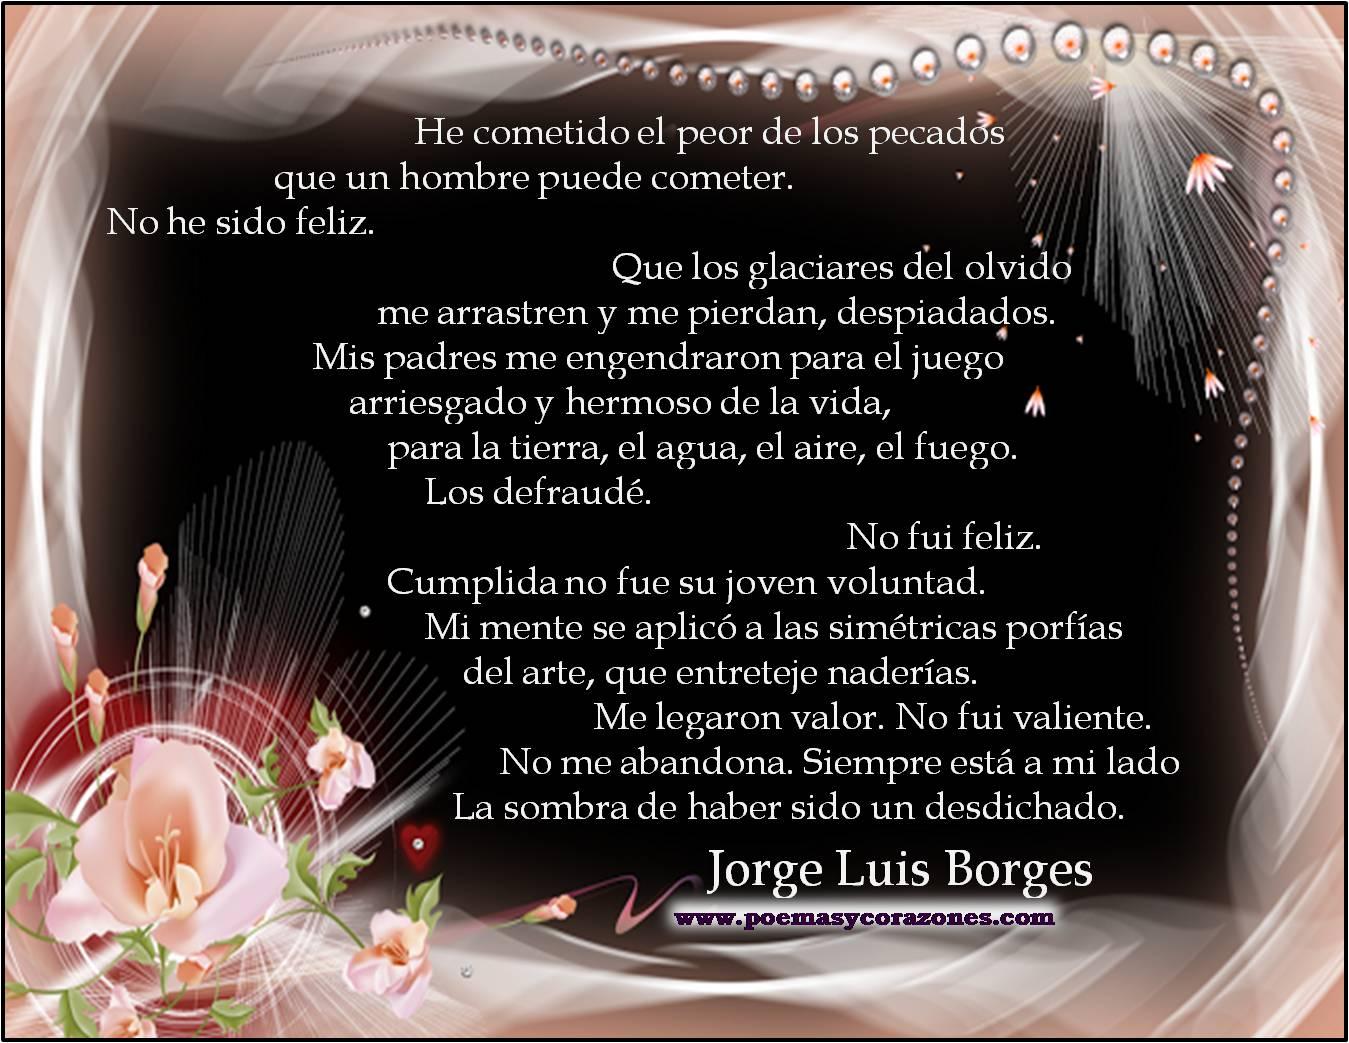 Borges Poemas de Amor Poemas de Amor Para Luis